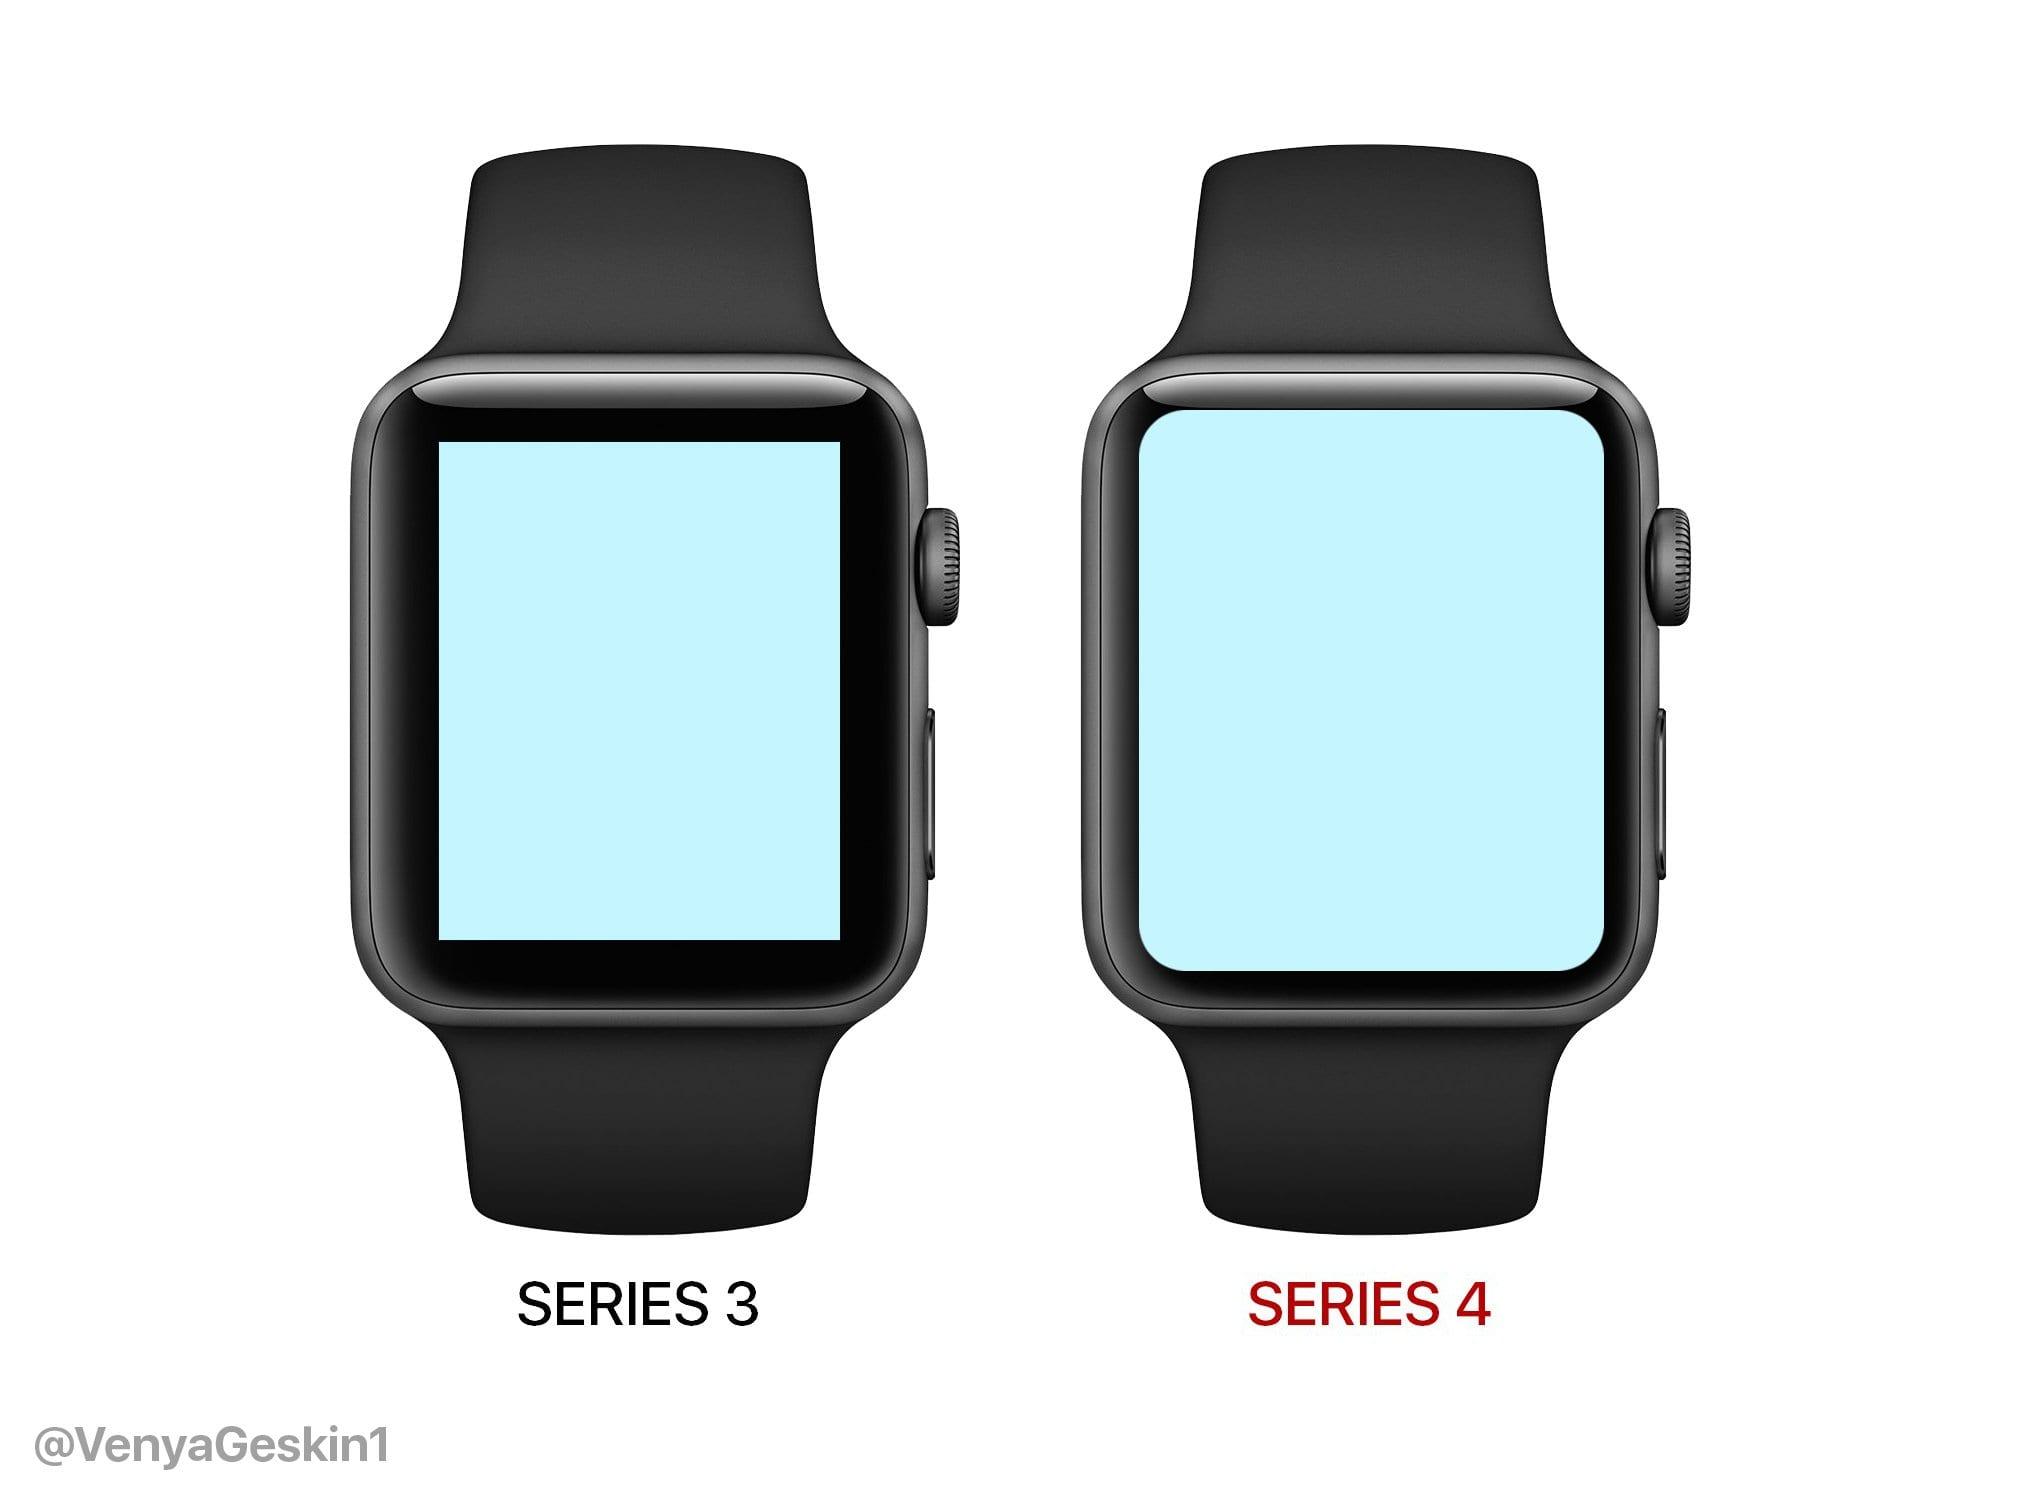 apple watch series4 geskin1 - Ako by mohli vyzerať Apple Watch Series 4 s väčším displejom